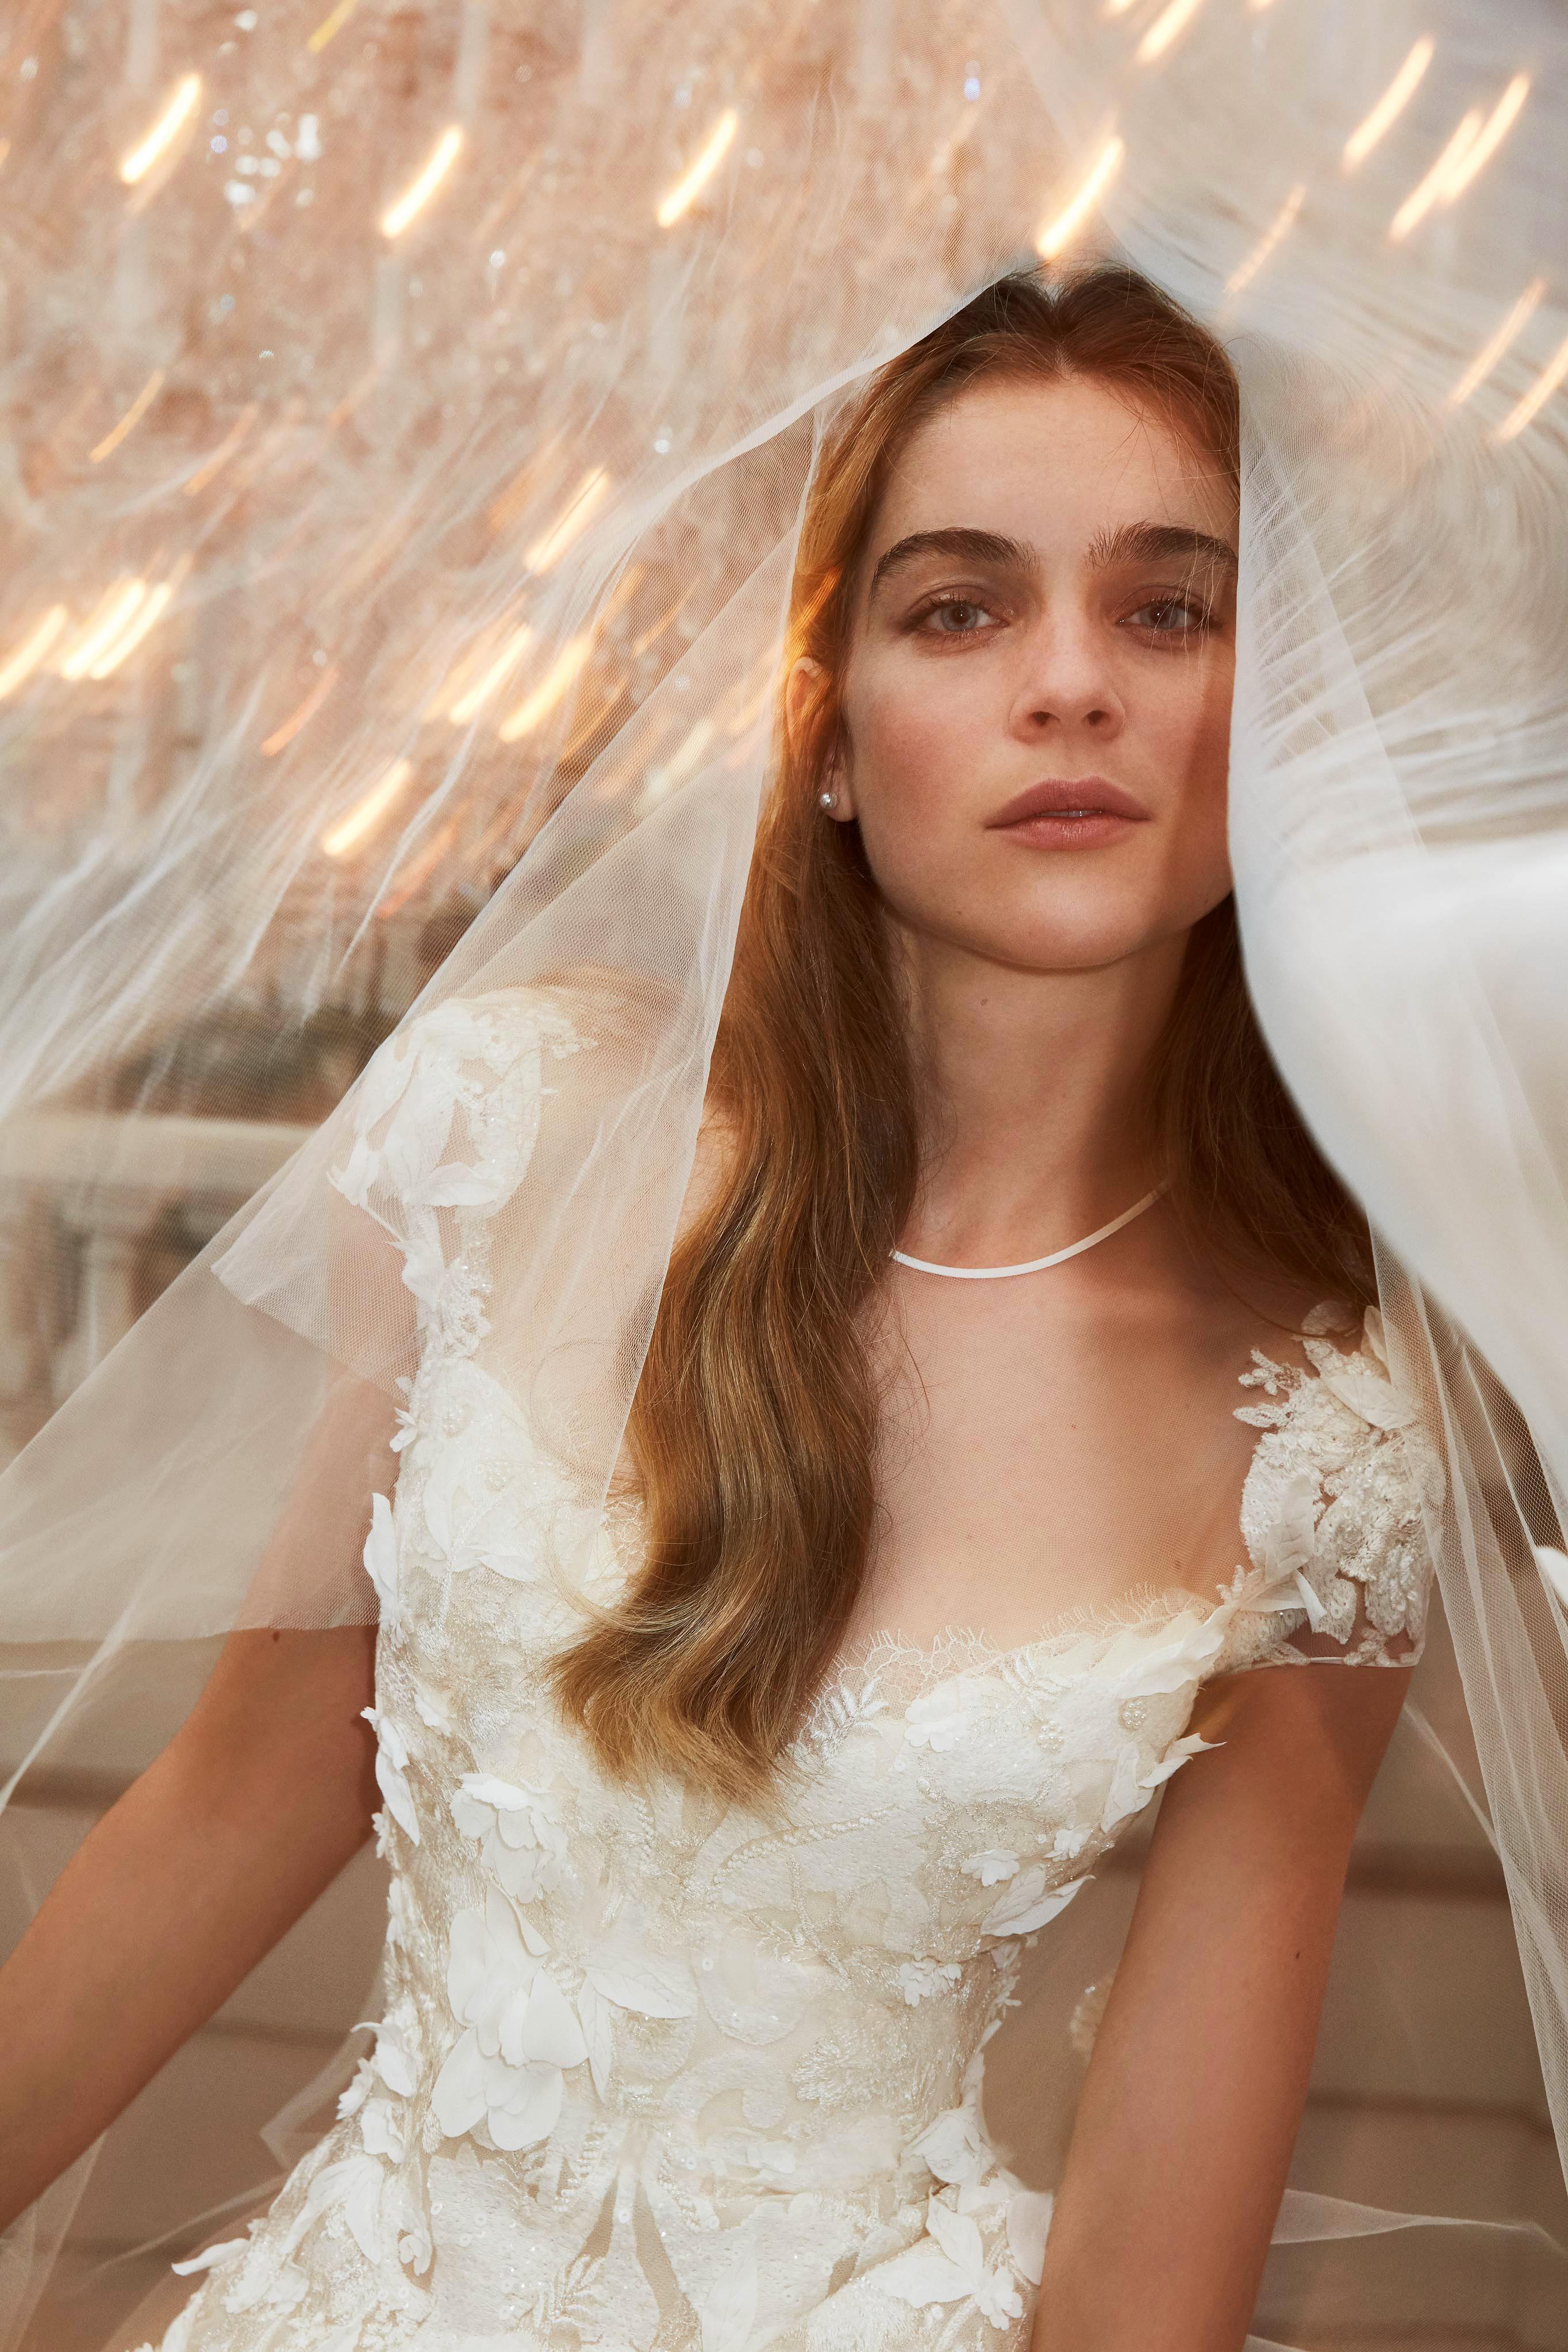 elie saab wedding dress spring 2019 cap sleeves floral embroidery